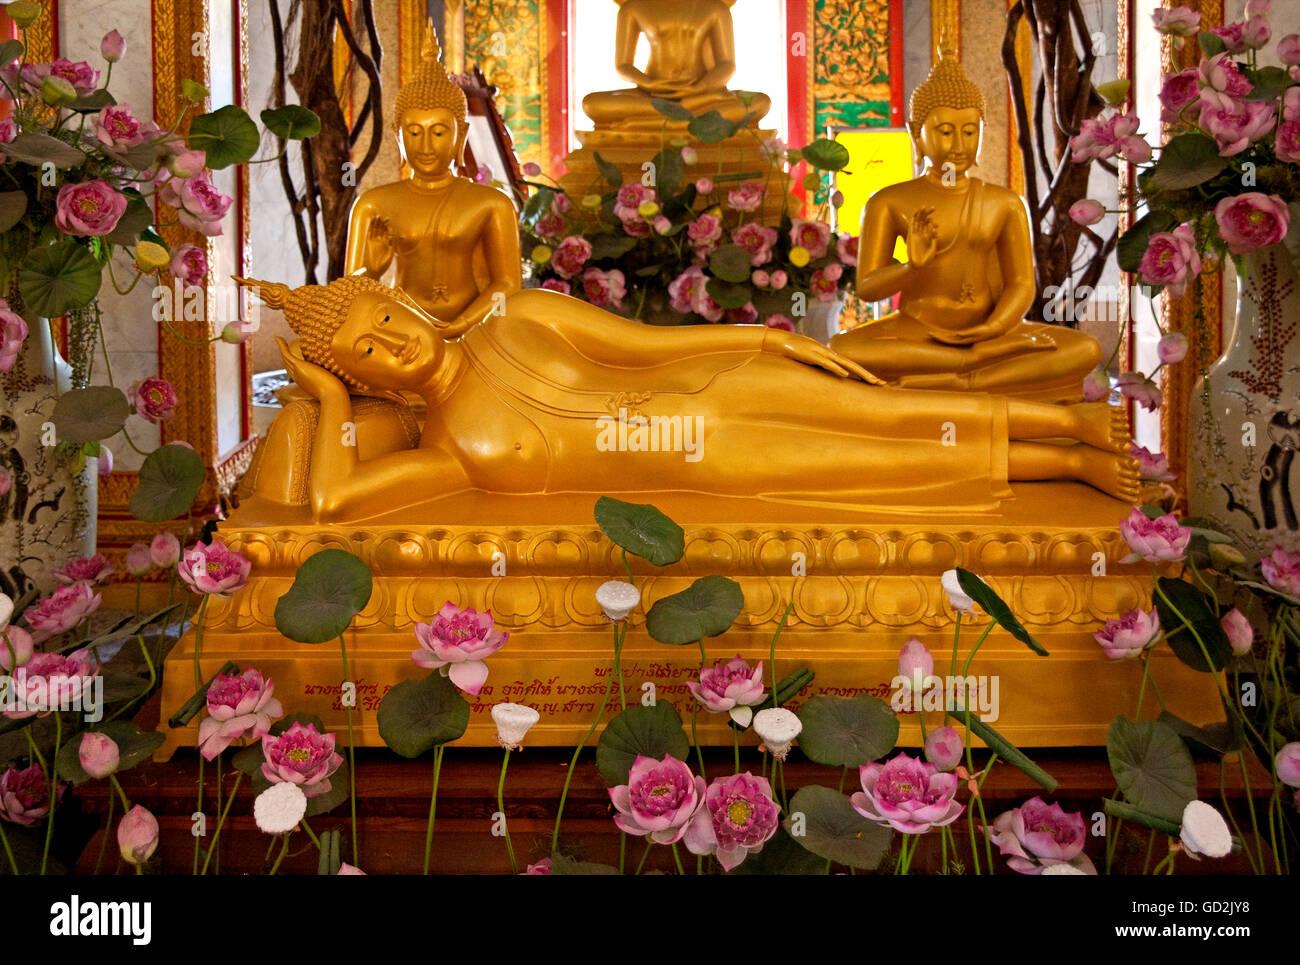 Belle arti, l'arte religiosa, Thailandia, Sud della Thailandia, artista del diritto d'autore non deve essere Immagini Stock